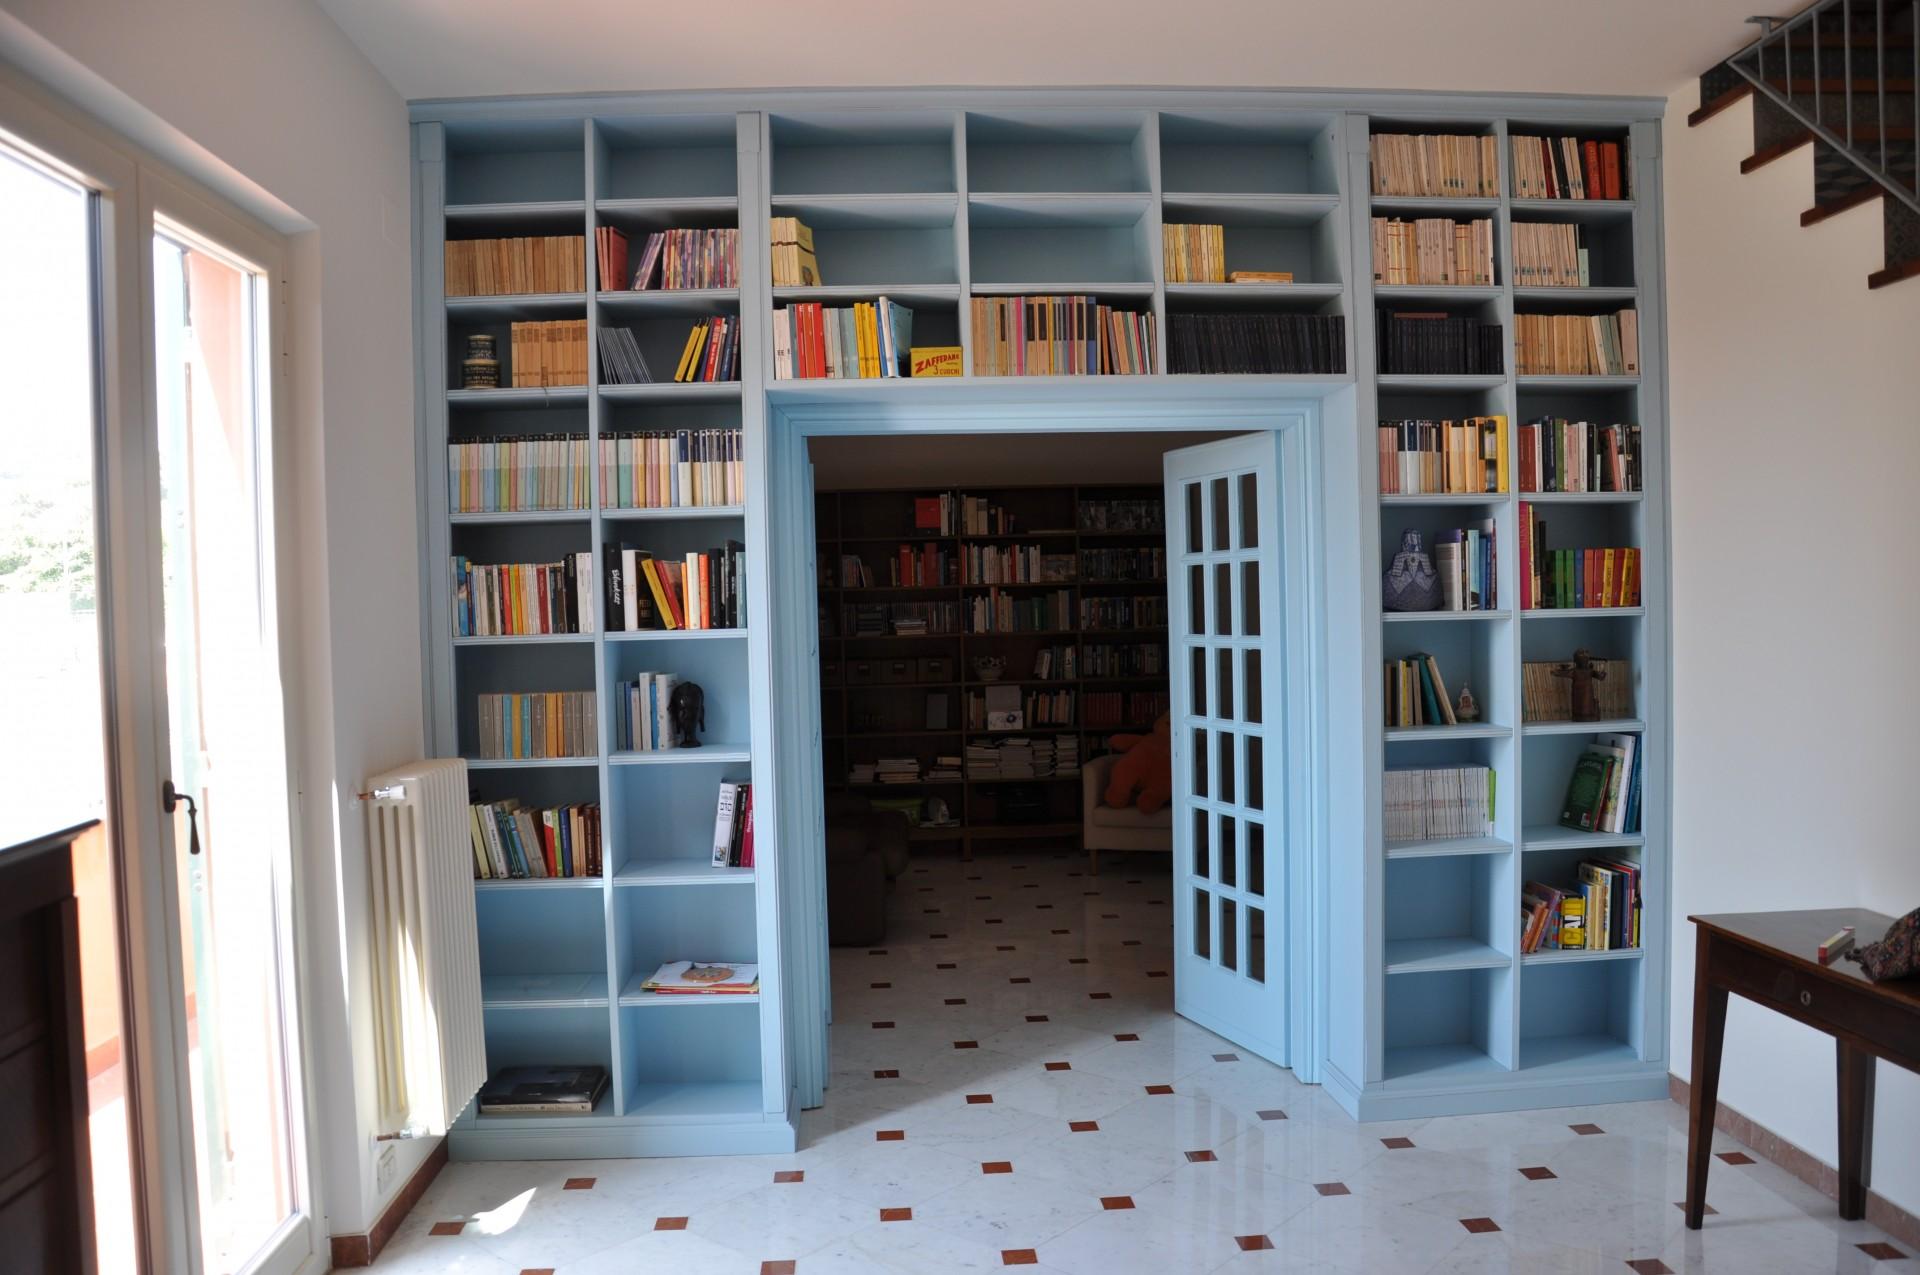 Libreria su misura a savona fadini mobili cerea verona - Libreria divisoria con porta ...